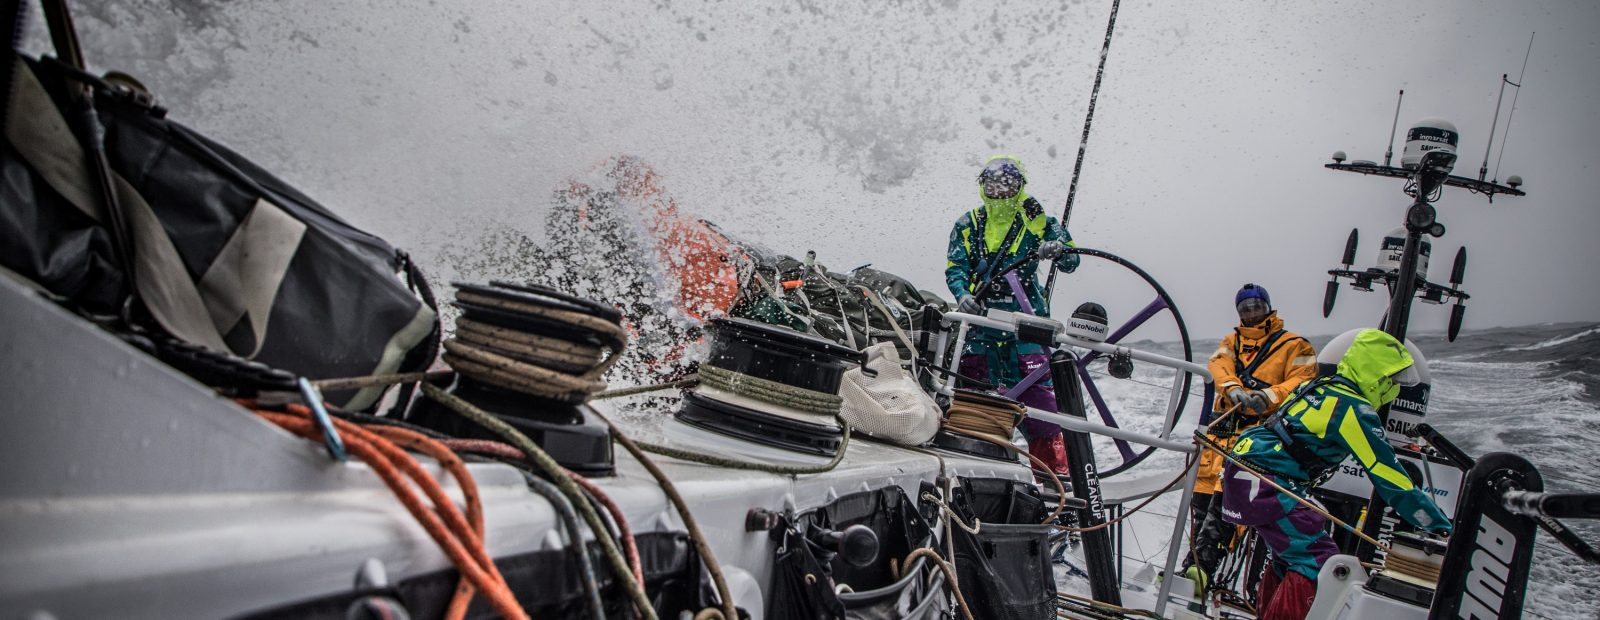 Os barcos estão aproveitando as condições de vento no Atlântico durante a nona etapa da regata Foto: Divulgação